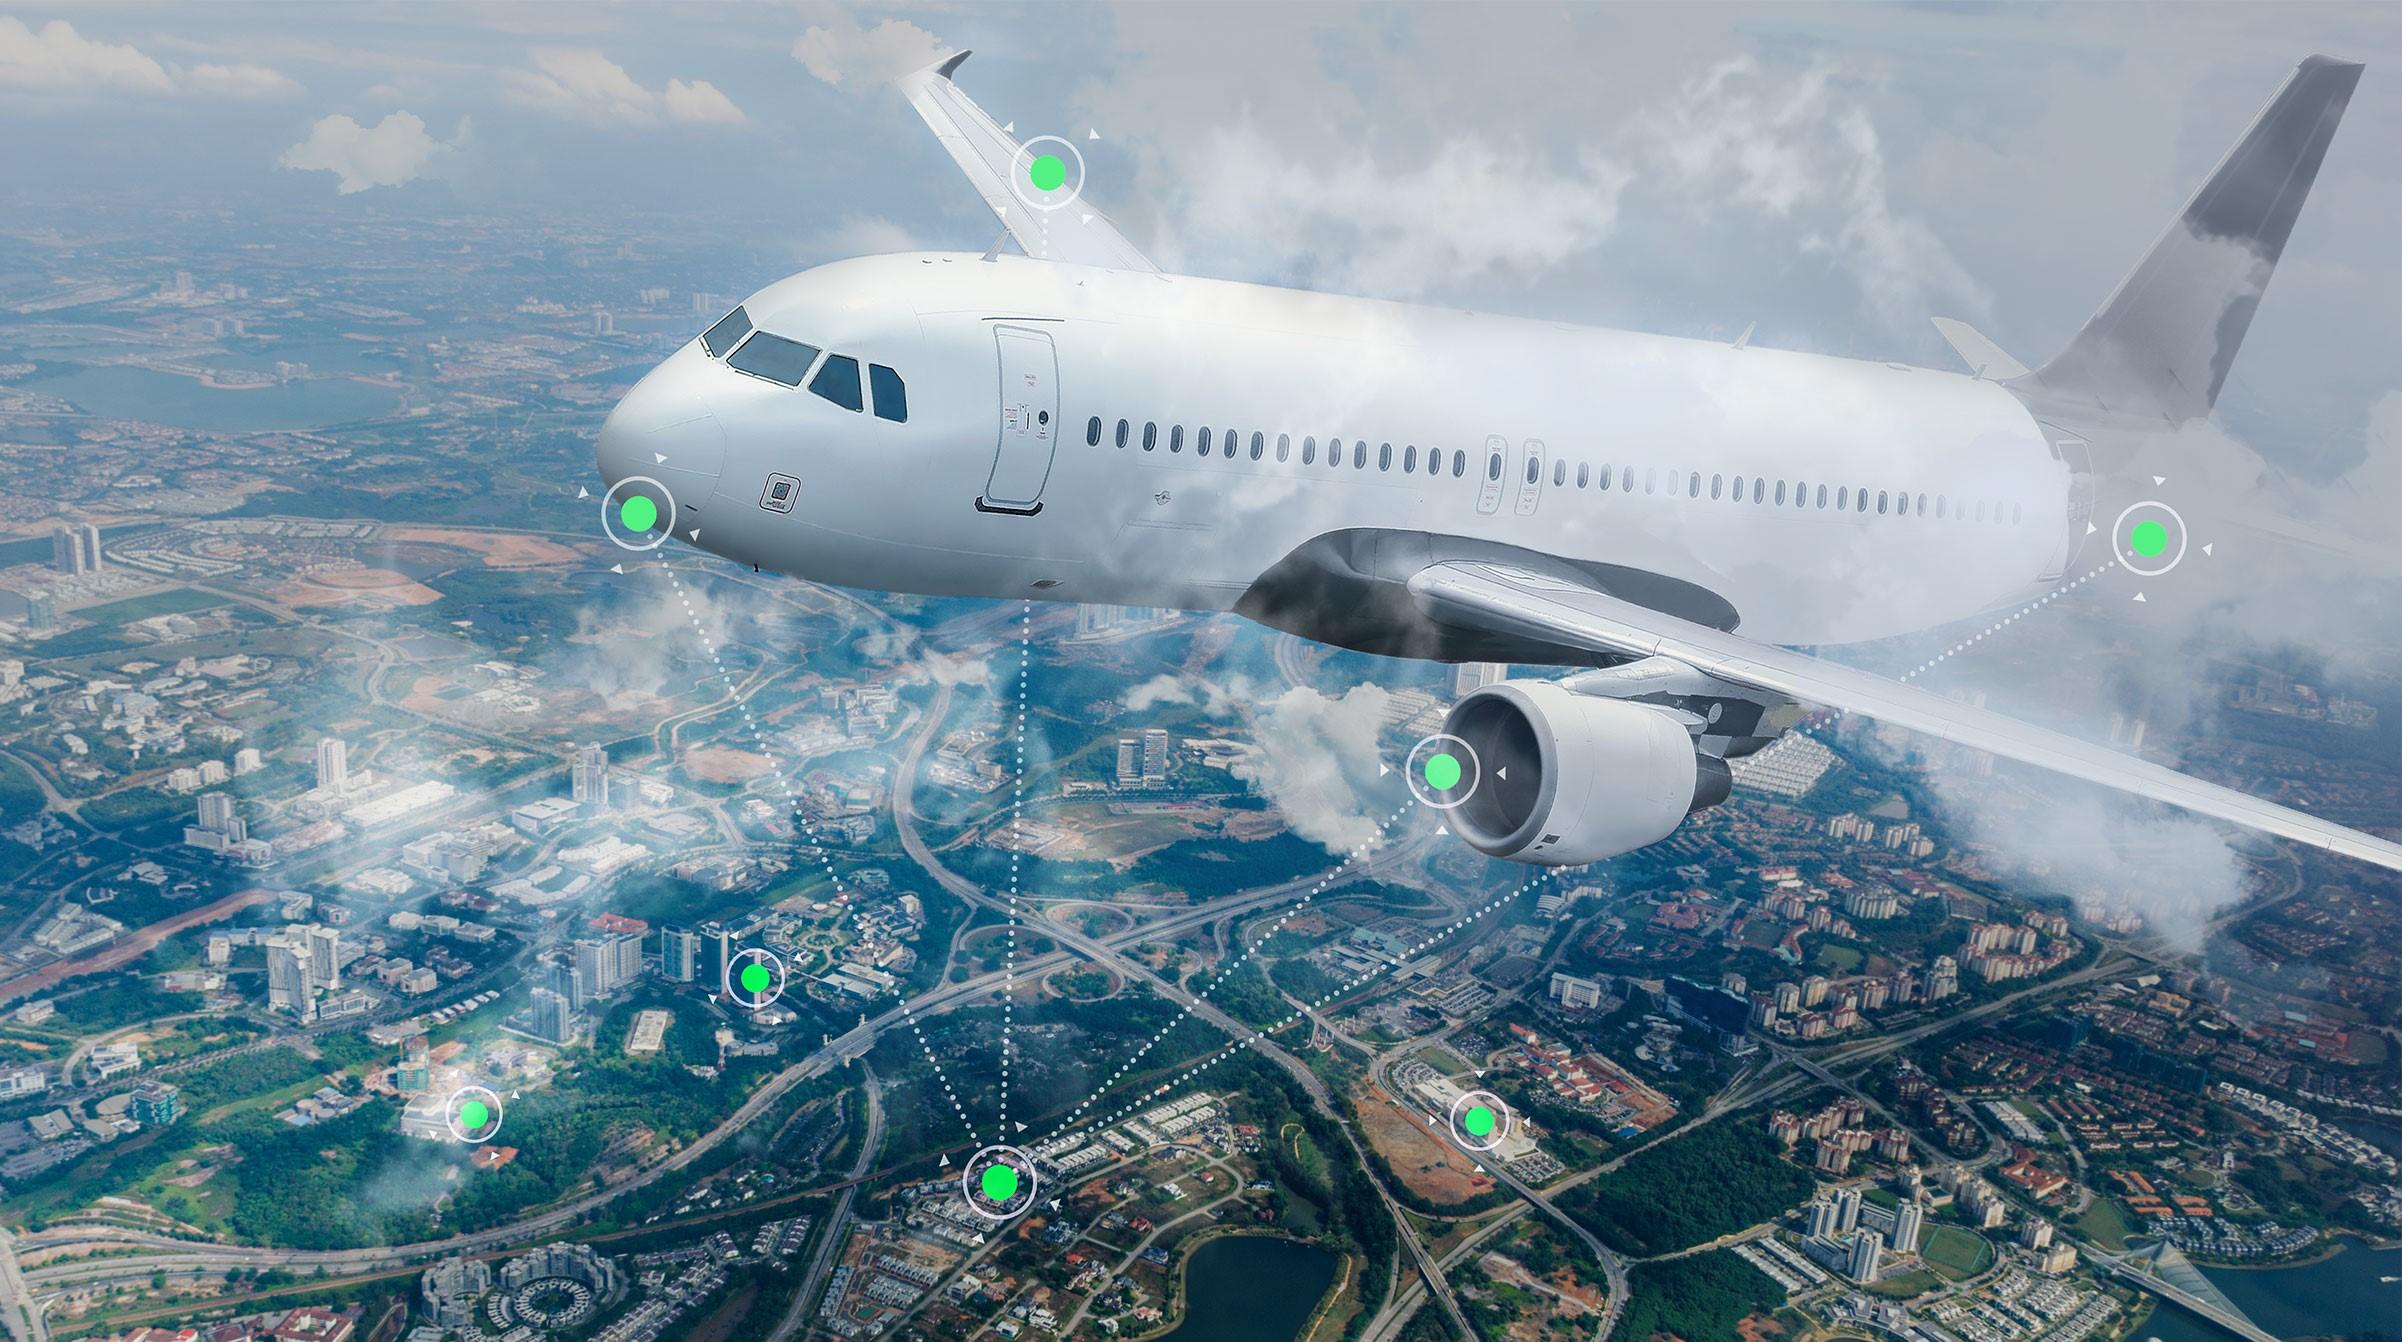 IoT: Sensorer på flygplan och marken